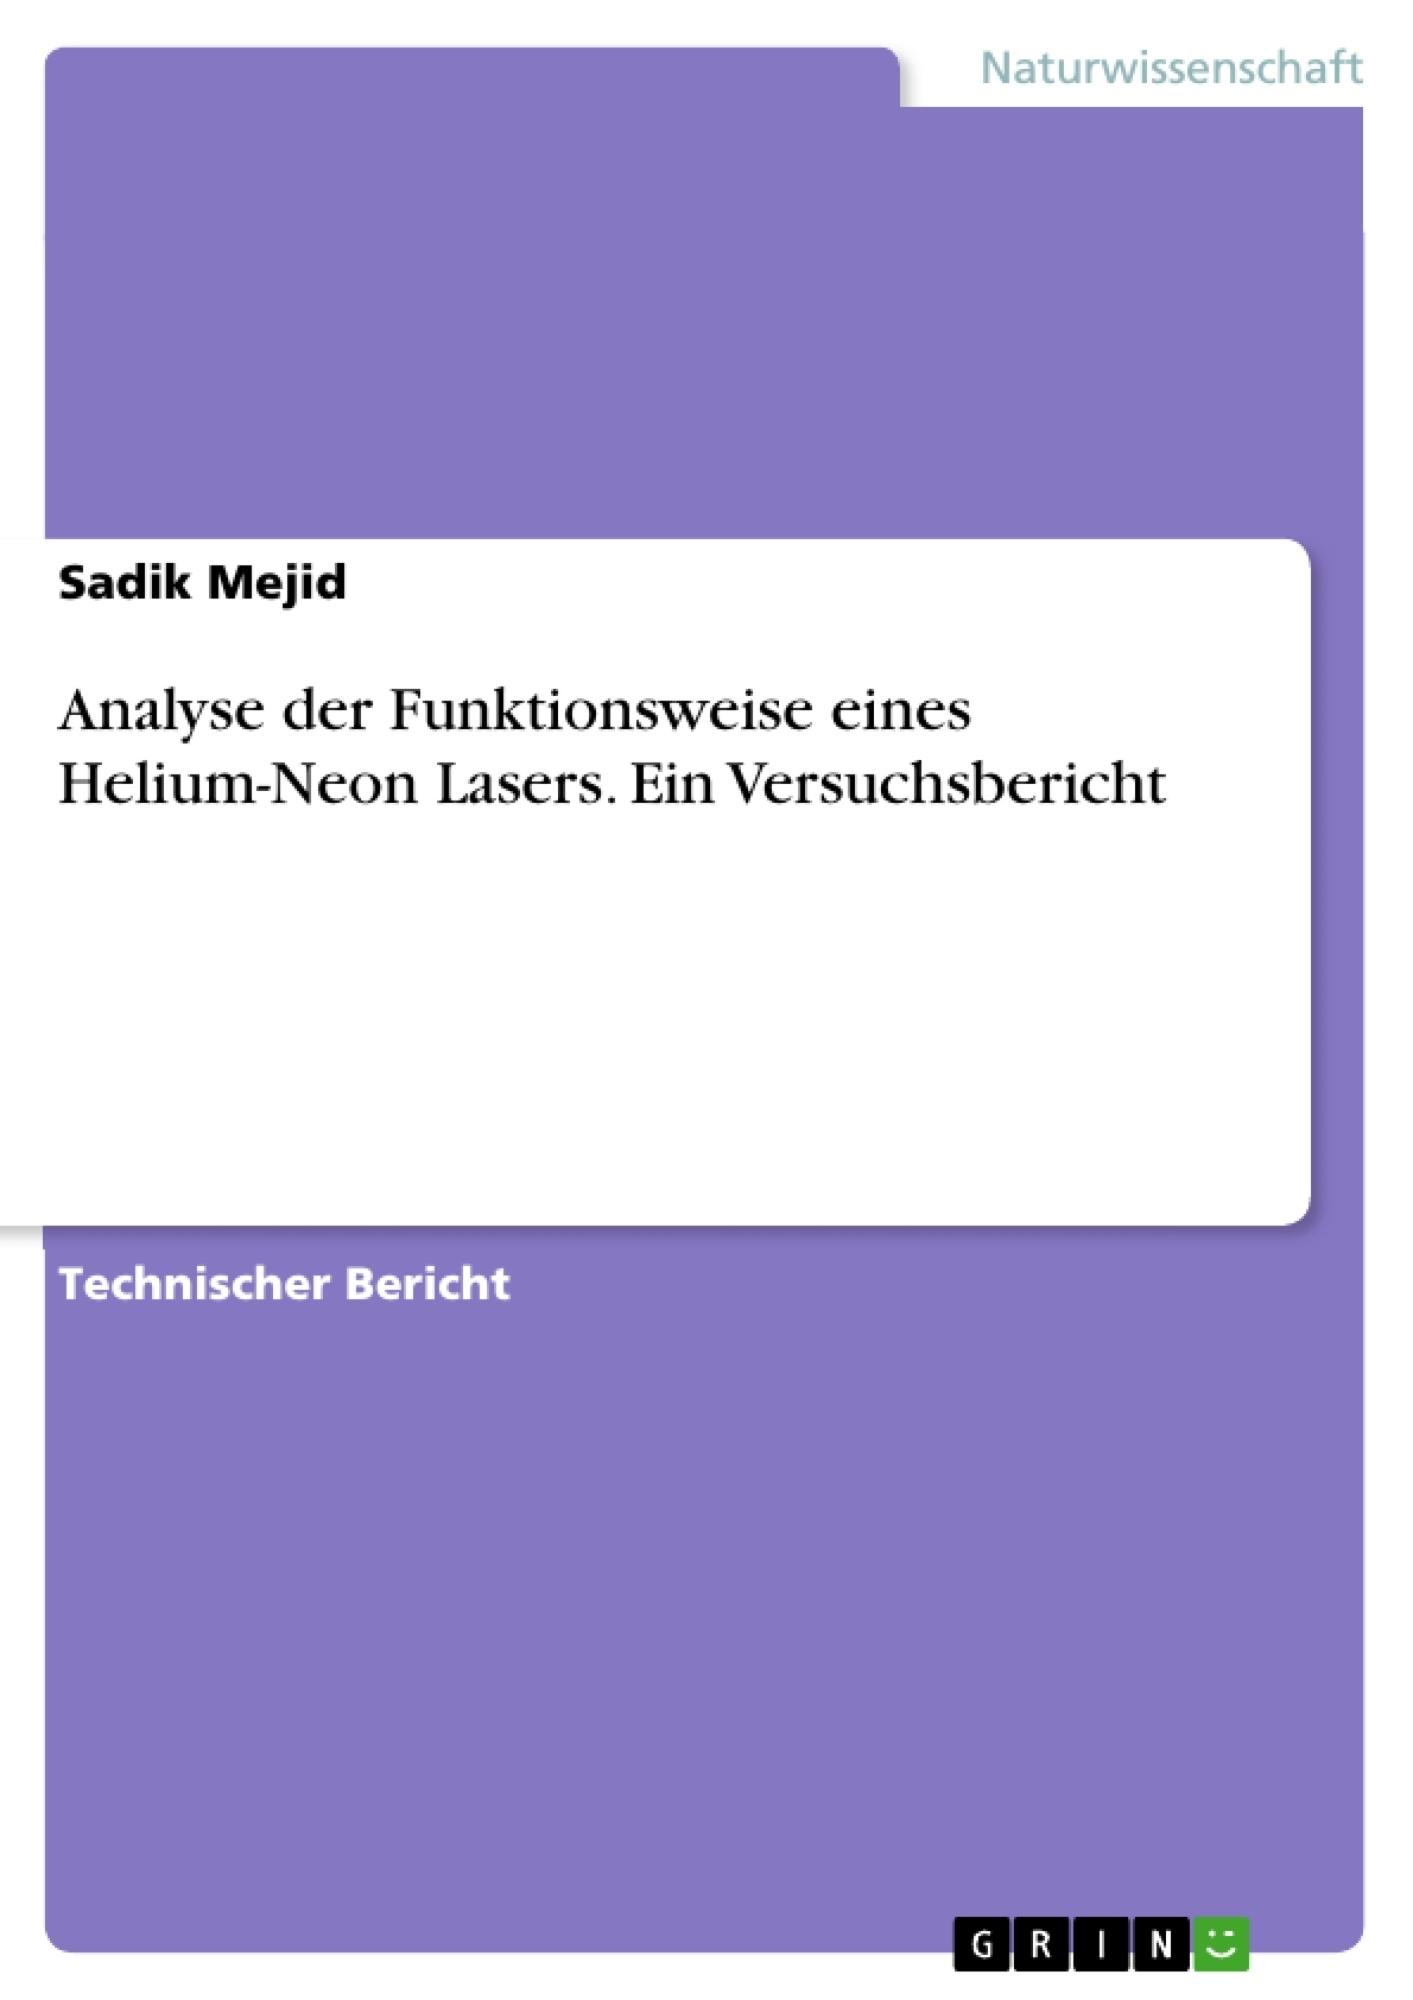 Titel: Analyse der Funktionsweise eines Helium-Neon Lasers. Ein Versuchsbericht